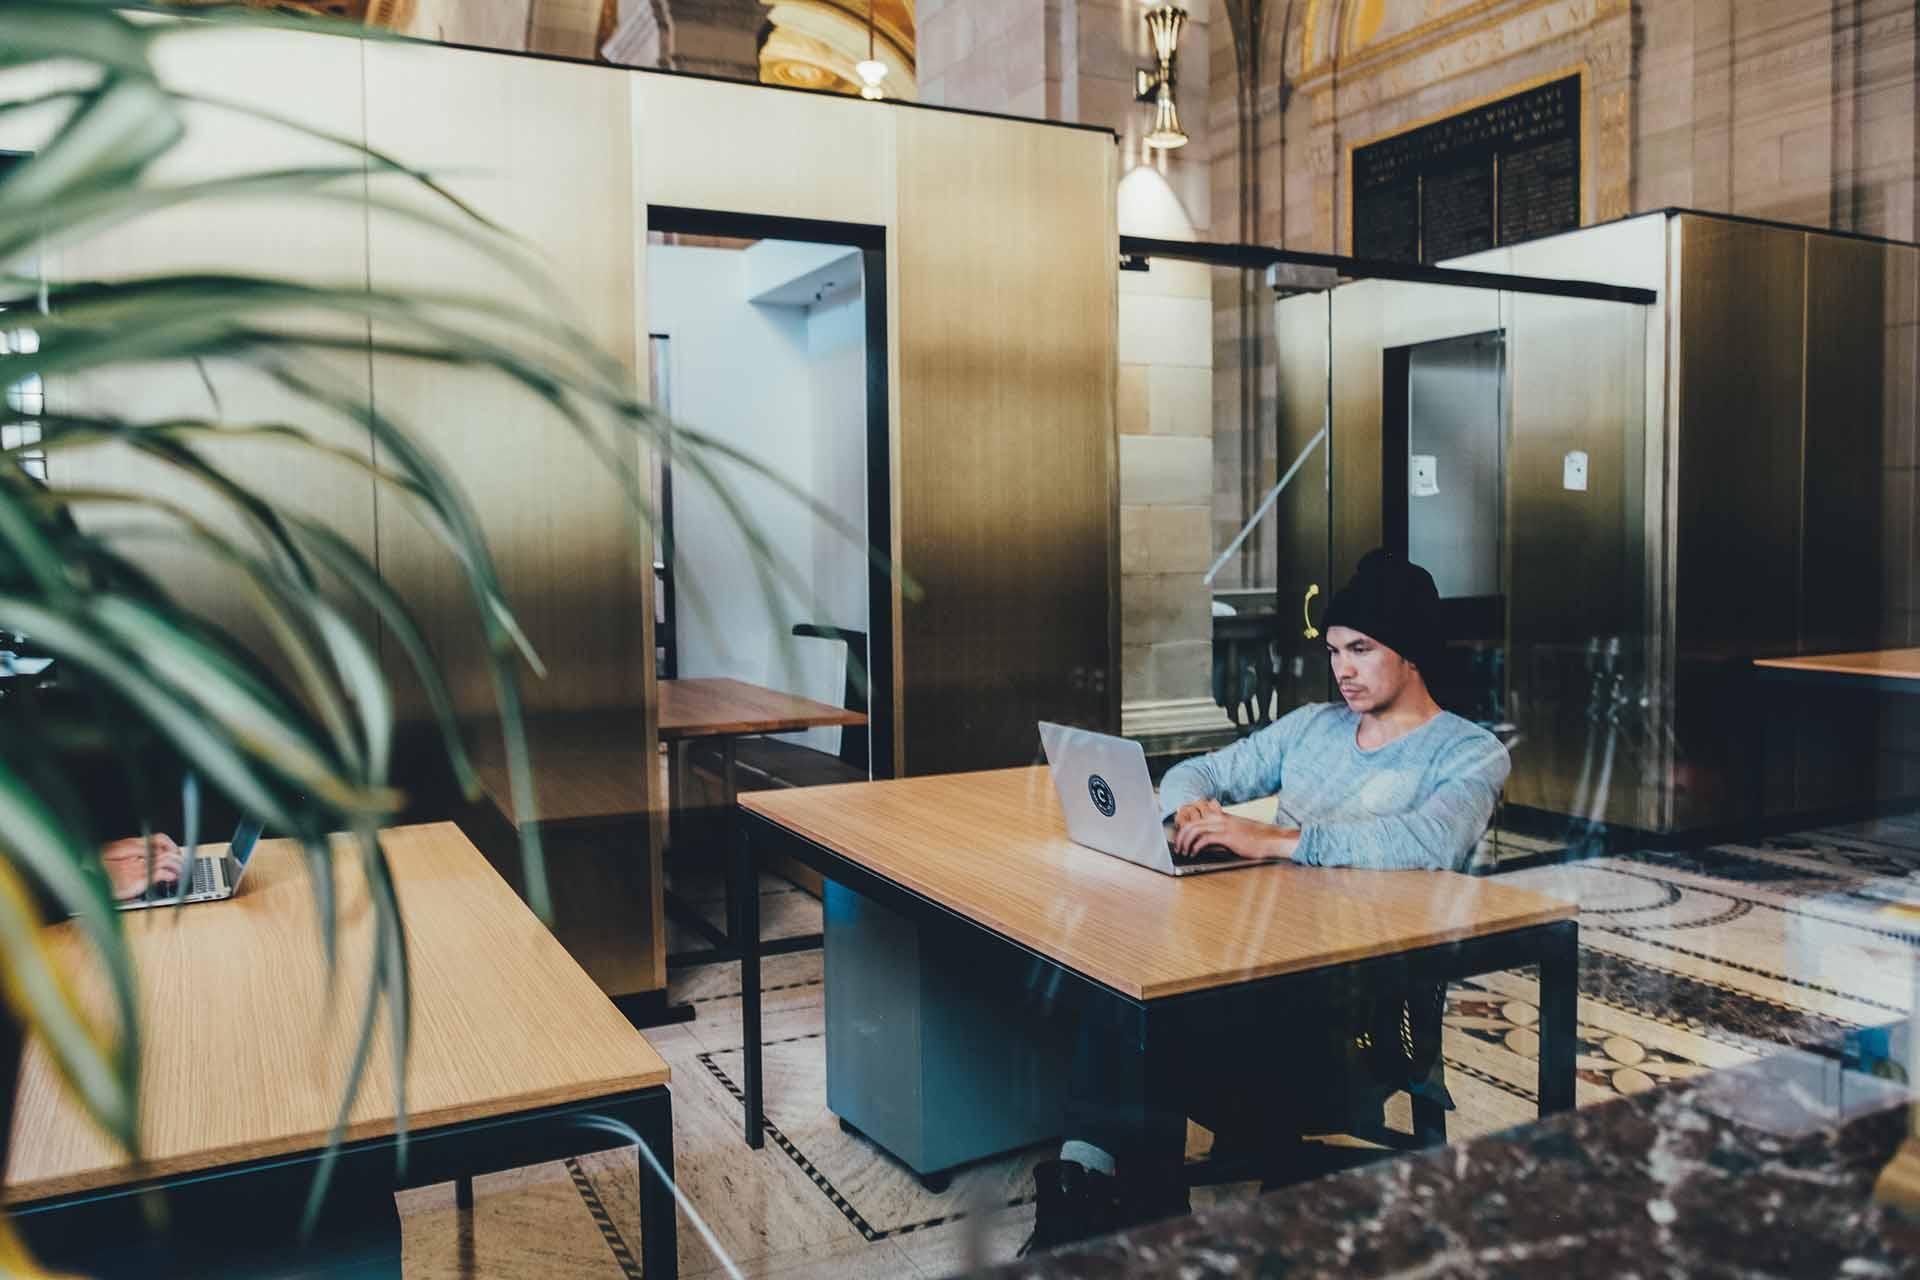 t2informatik Blog: Auf dem Weg zur selbständigen Arbeit